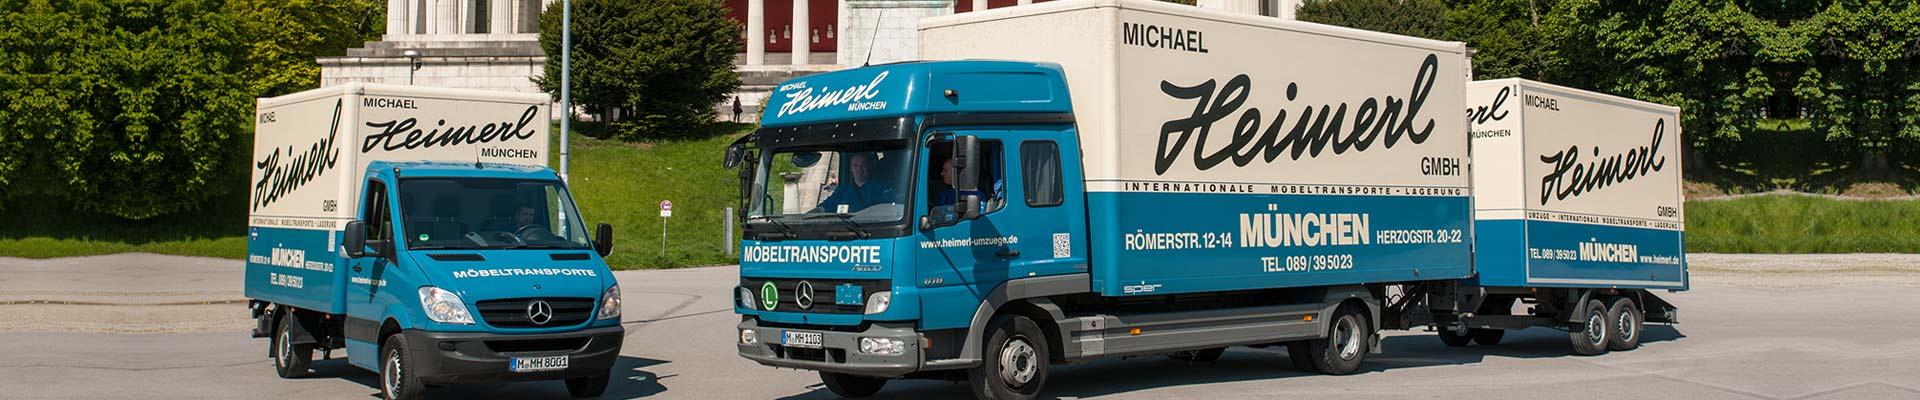 Heimerl - Privat- und Firmenumzüge München-Schwabing